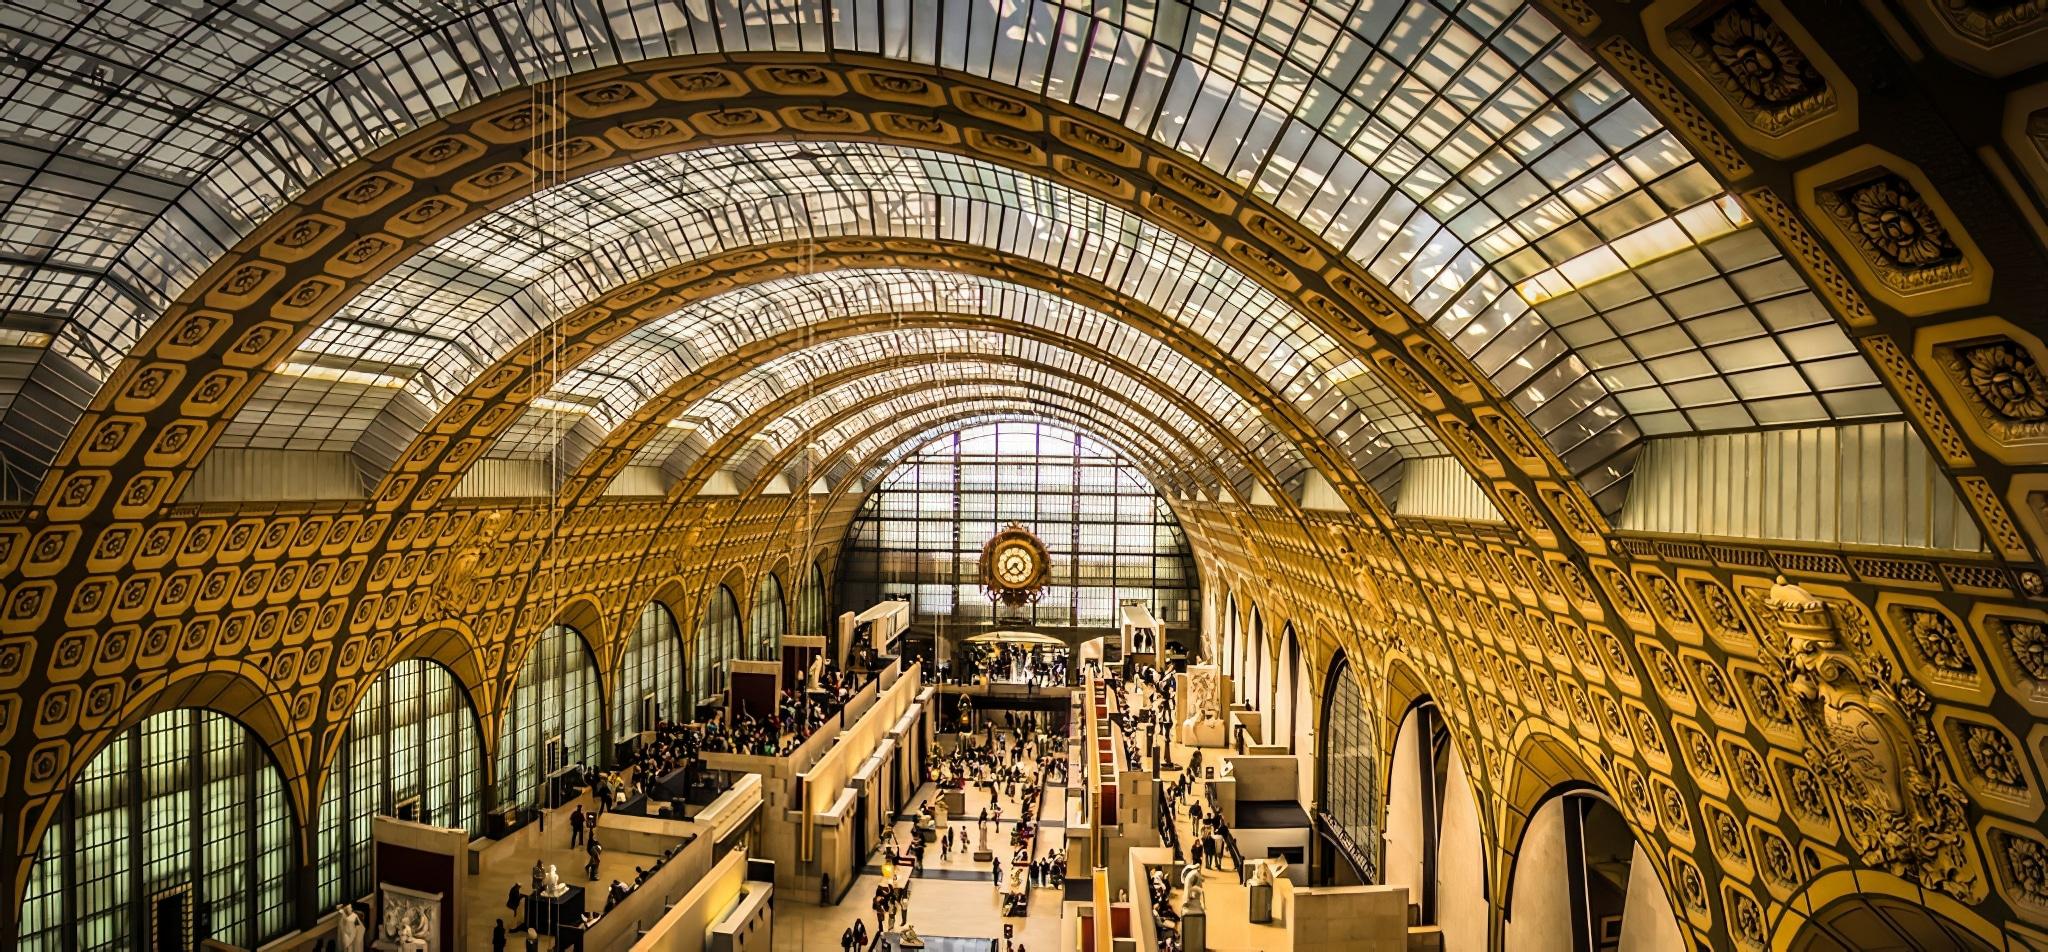 paris-musee